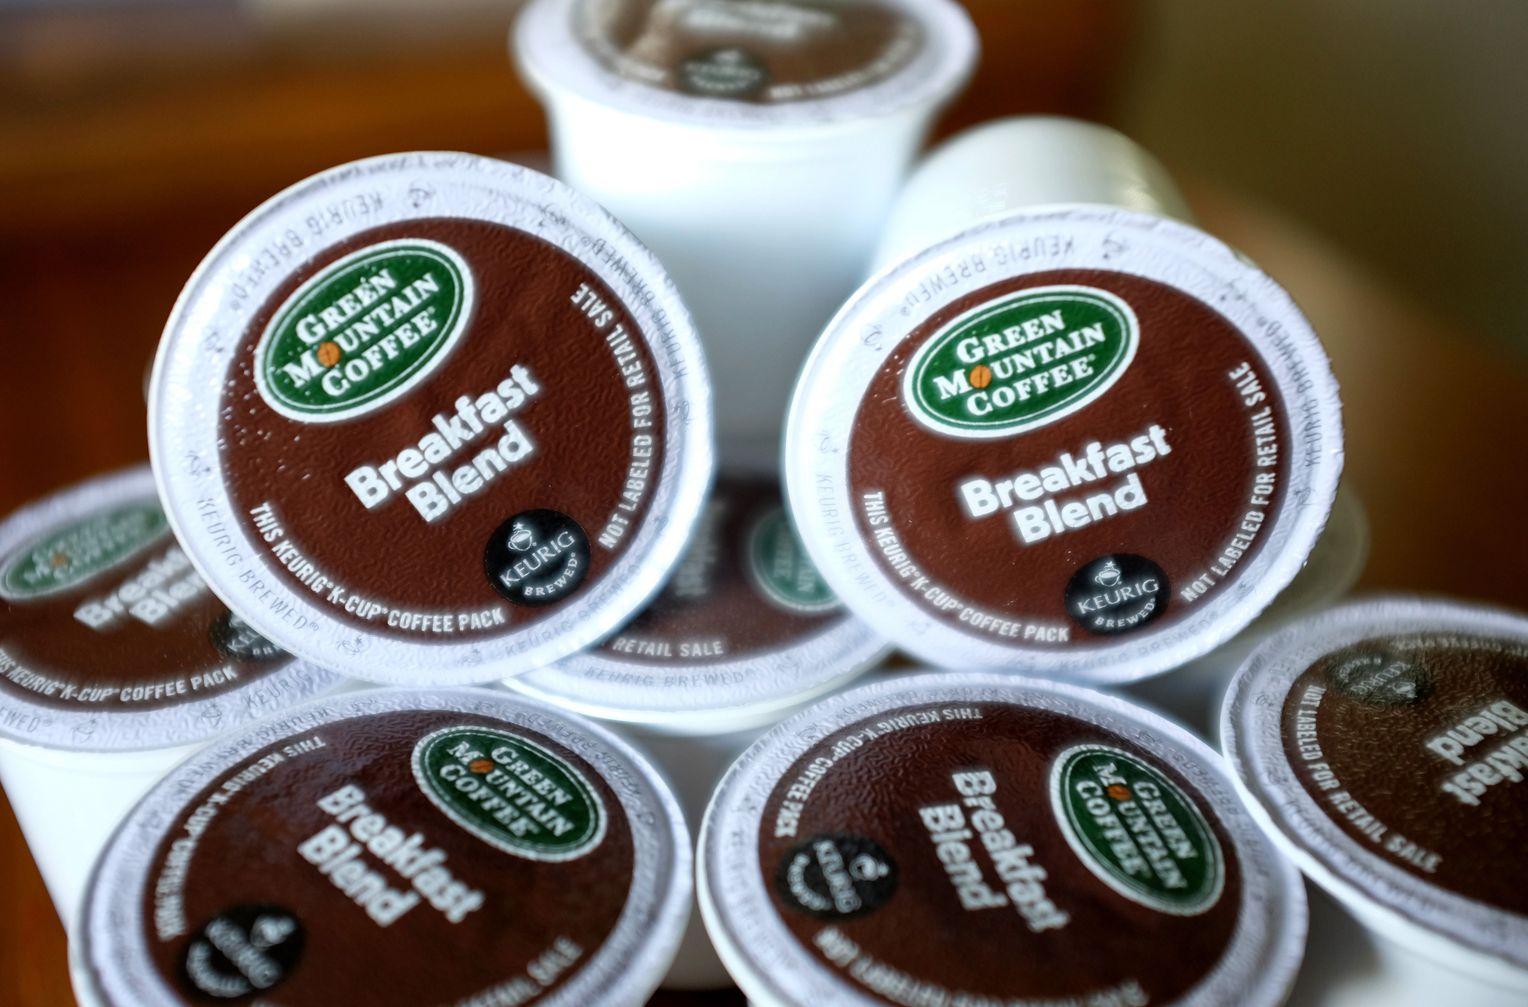 Green Mountain Kaffee Beschäftigung